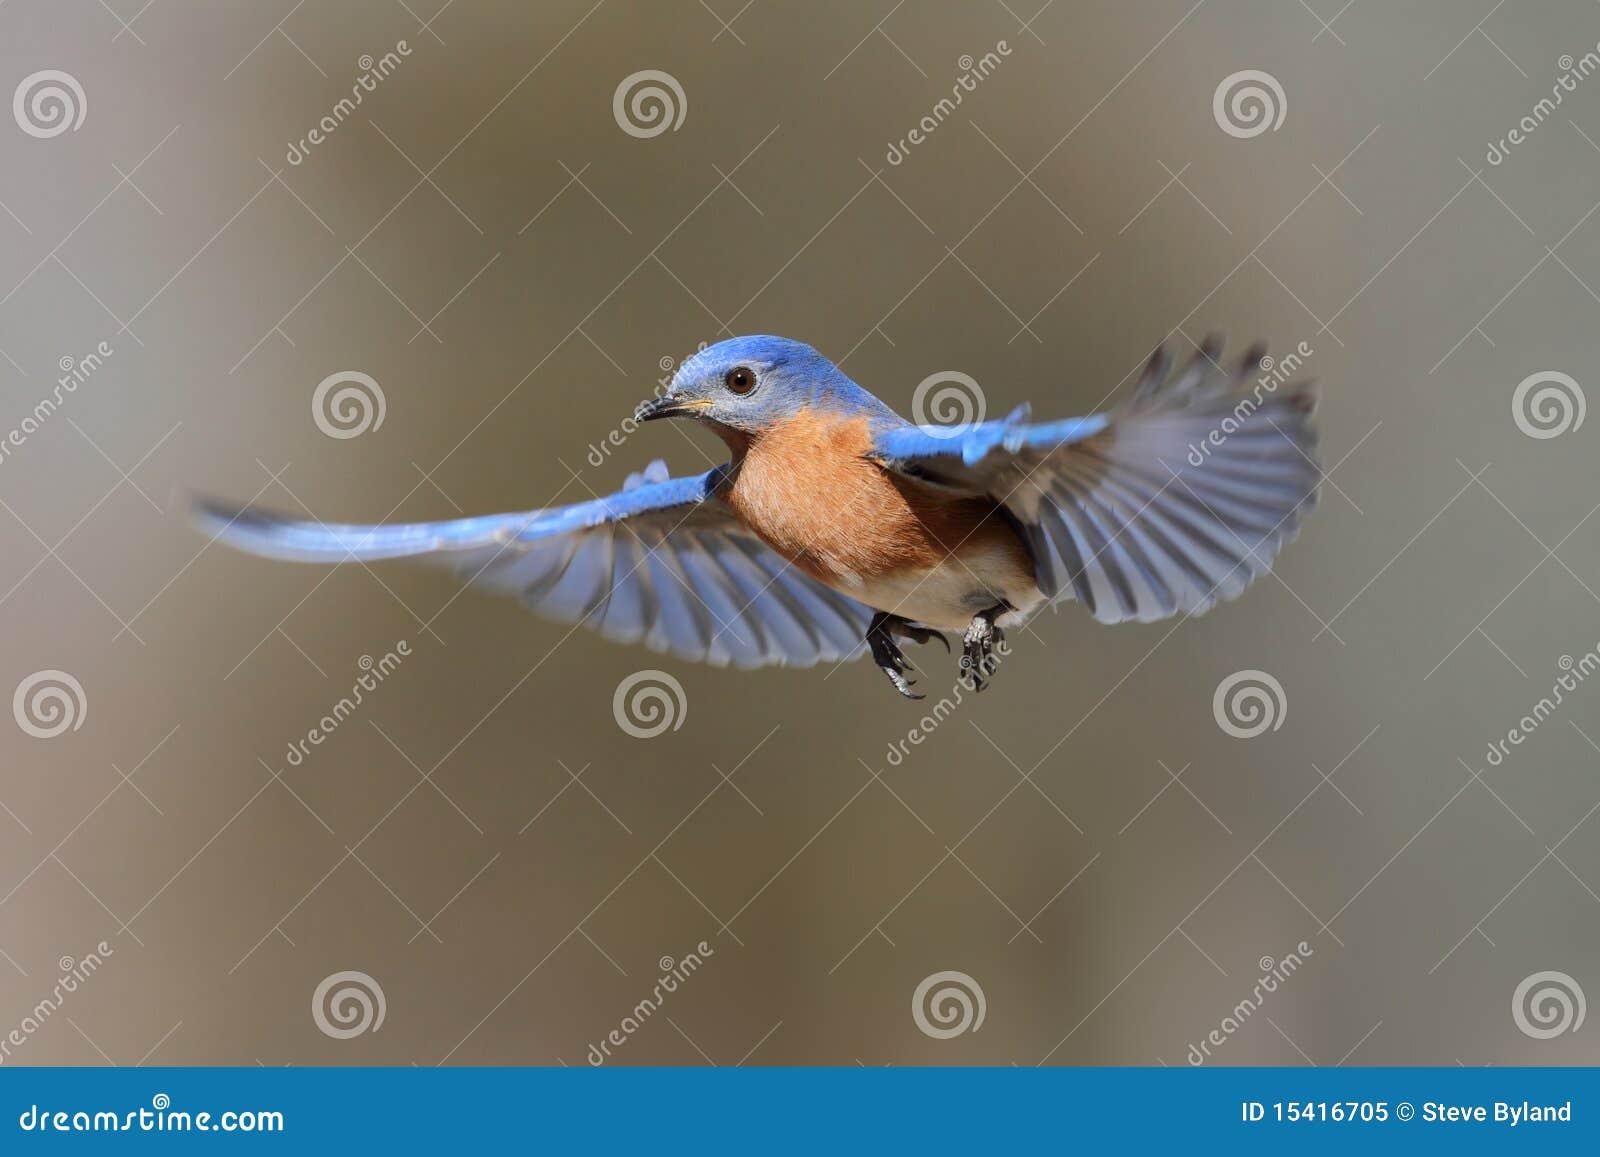 Oiseau bleu en vol photo libre de droits image 15416705 for Photo oiseau